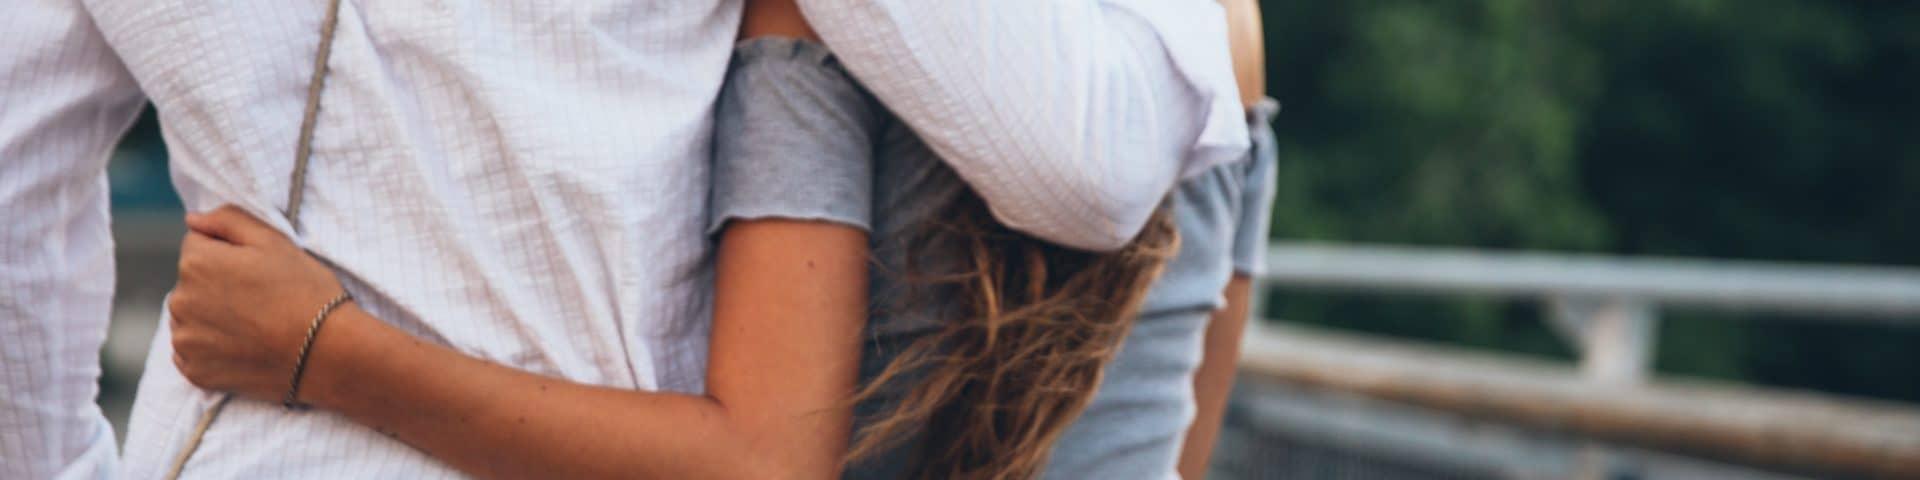 """7 Dinge, die du definitiv über jemanden wissen musst, bevor du sagst: """"Ich liebe dich"""""""